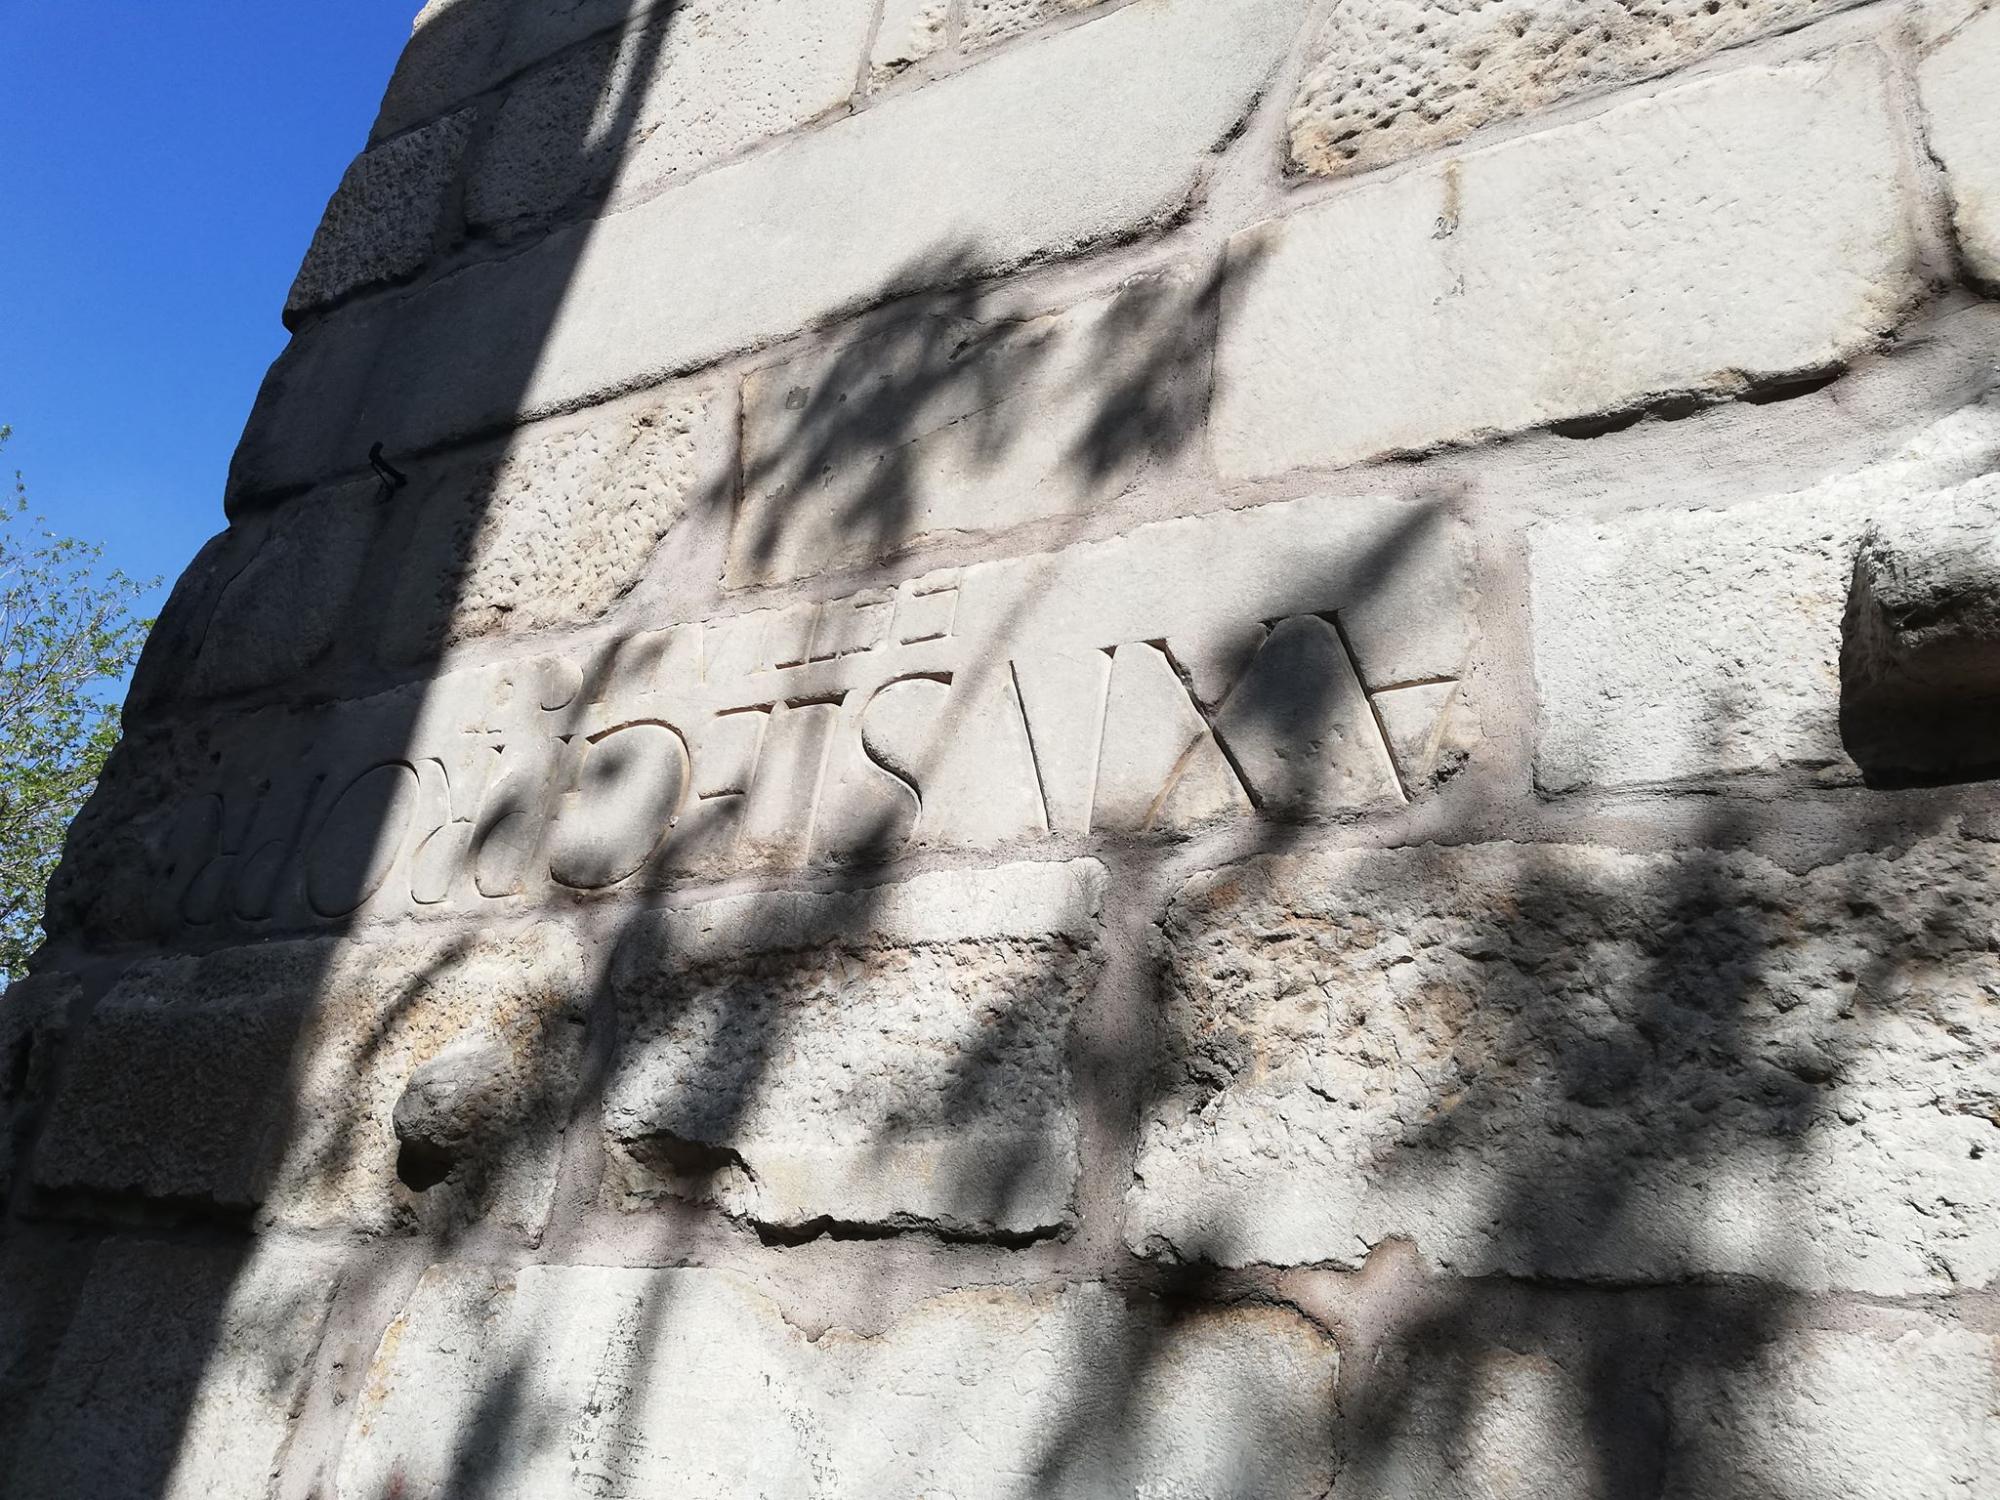 Турк тэмдэглэл: Ижил ба ондоо